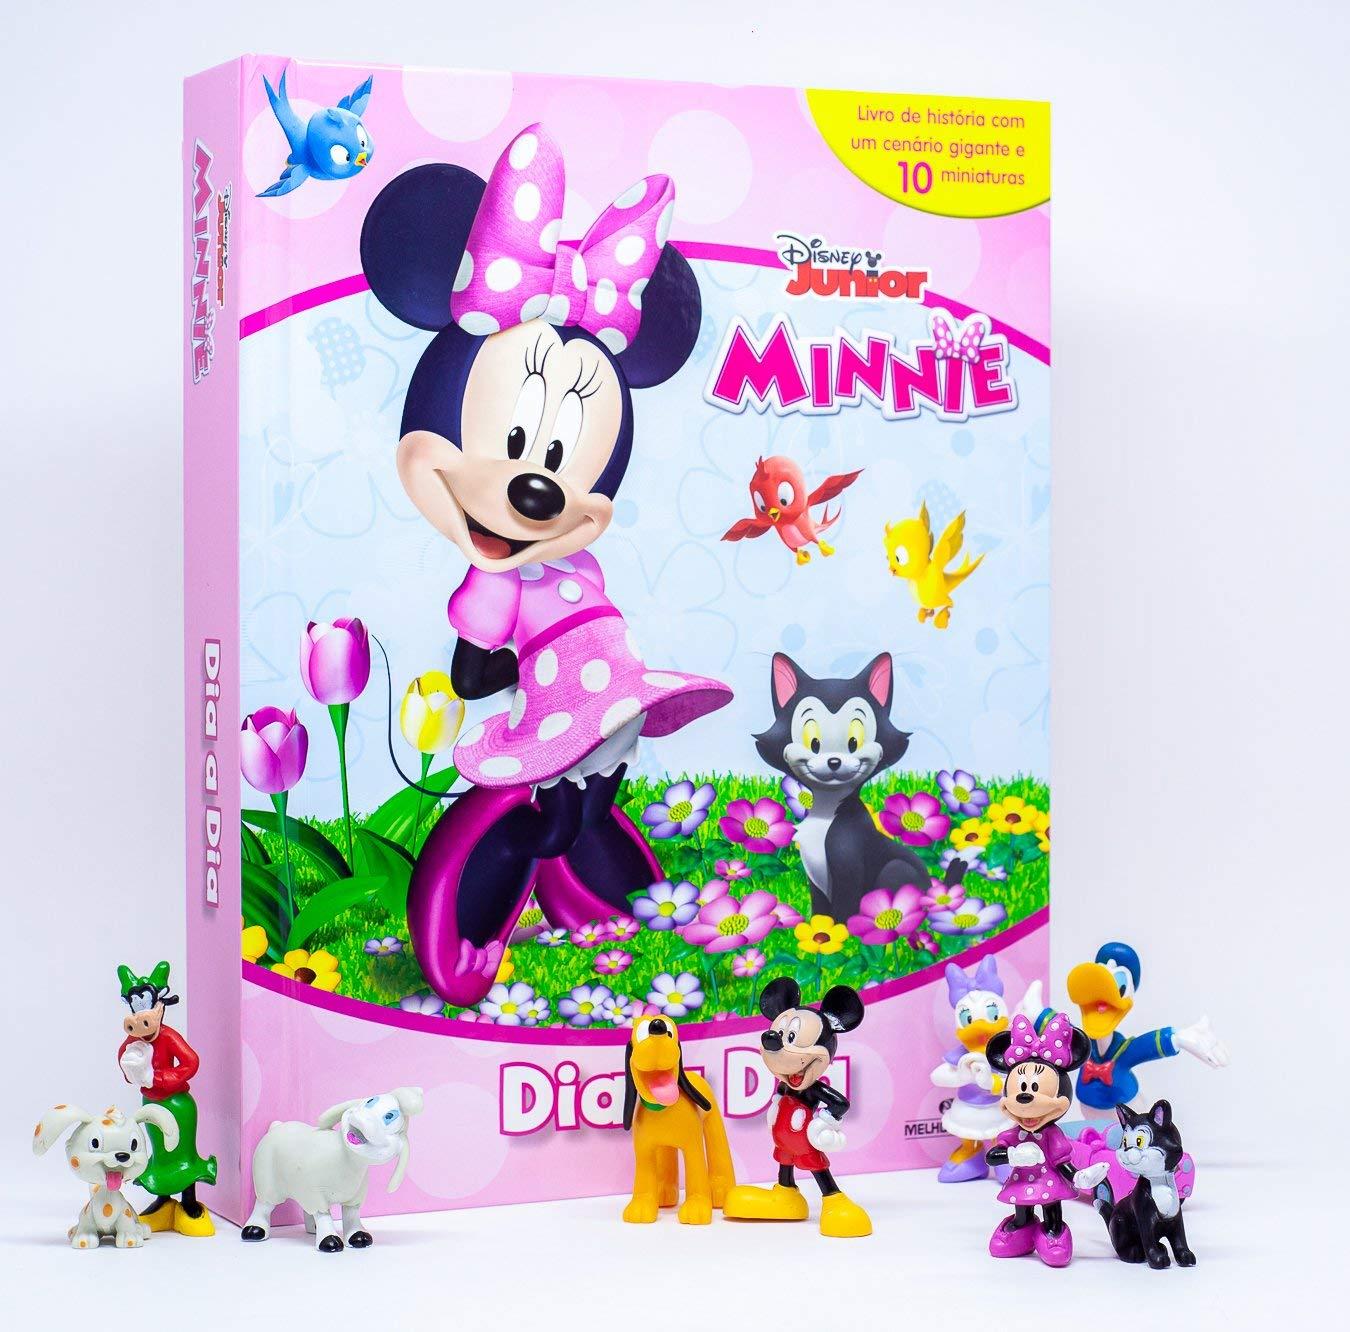 Livro Miniaturas Minnie